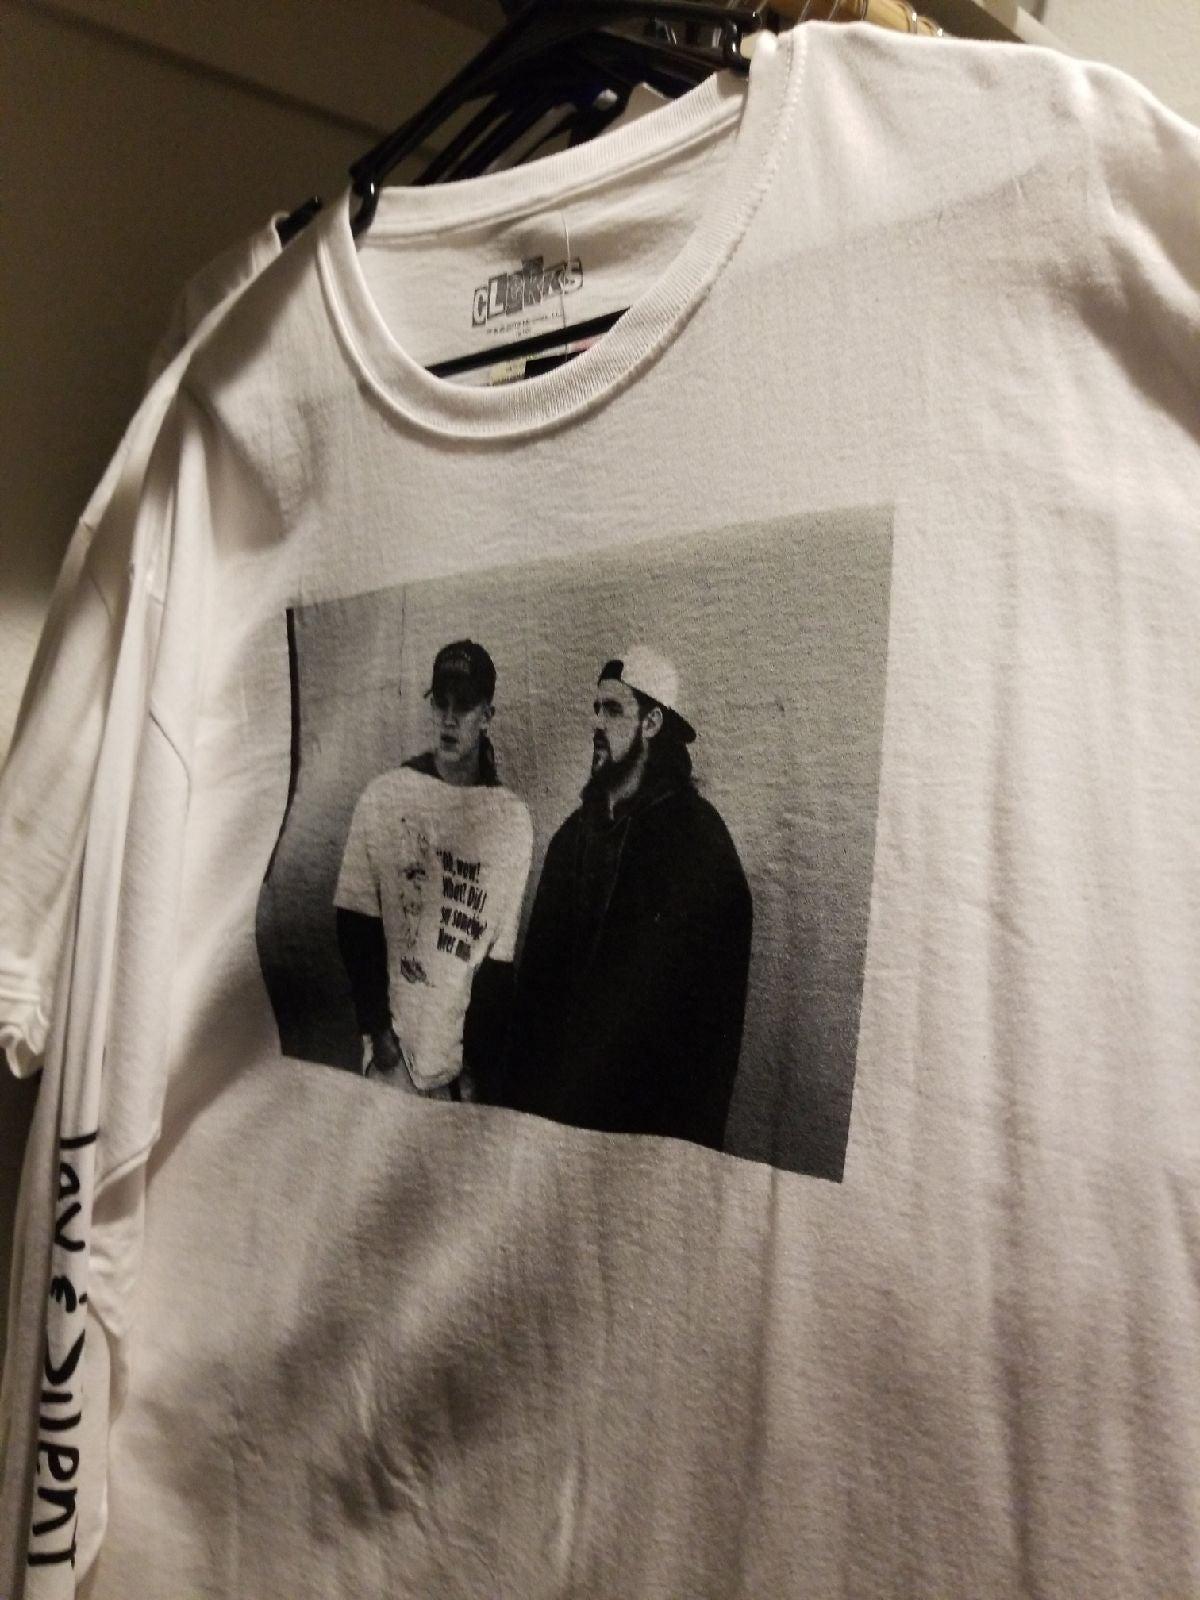 Lot of Kevin Smith shirts Sz XXL